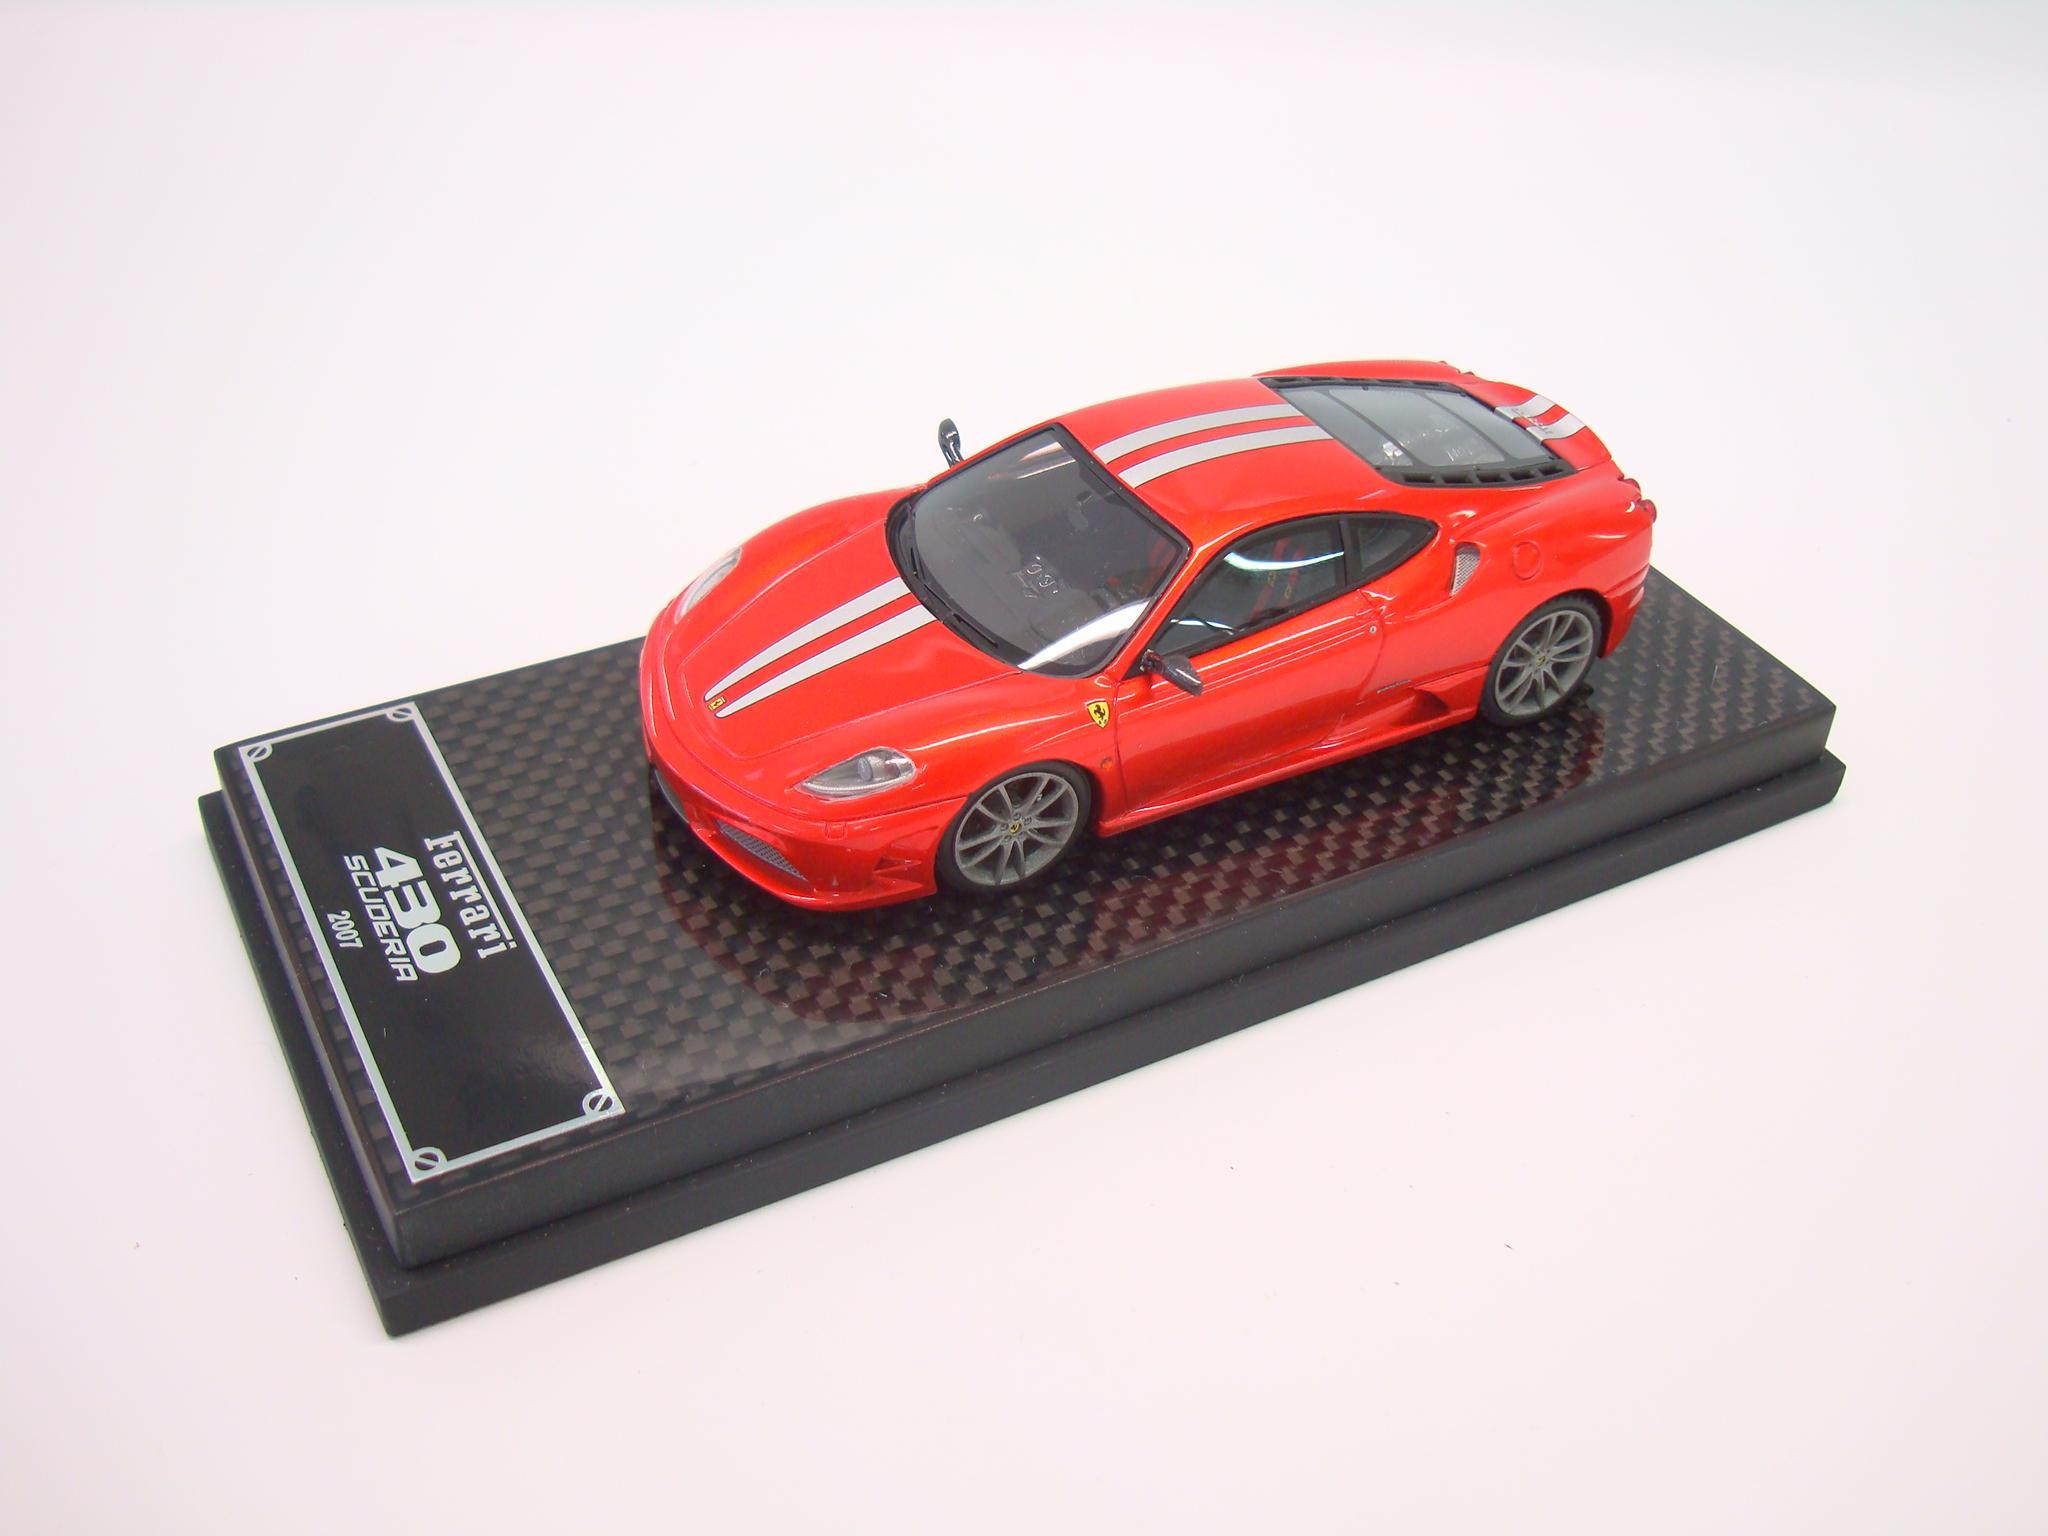 Ferrari 430 Scuderia 1 43 Mr Collection Models